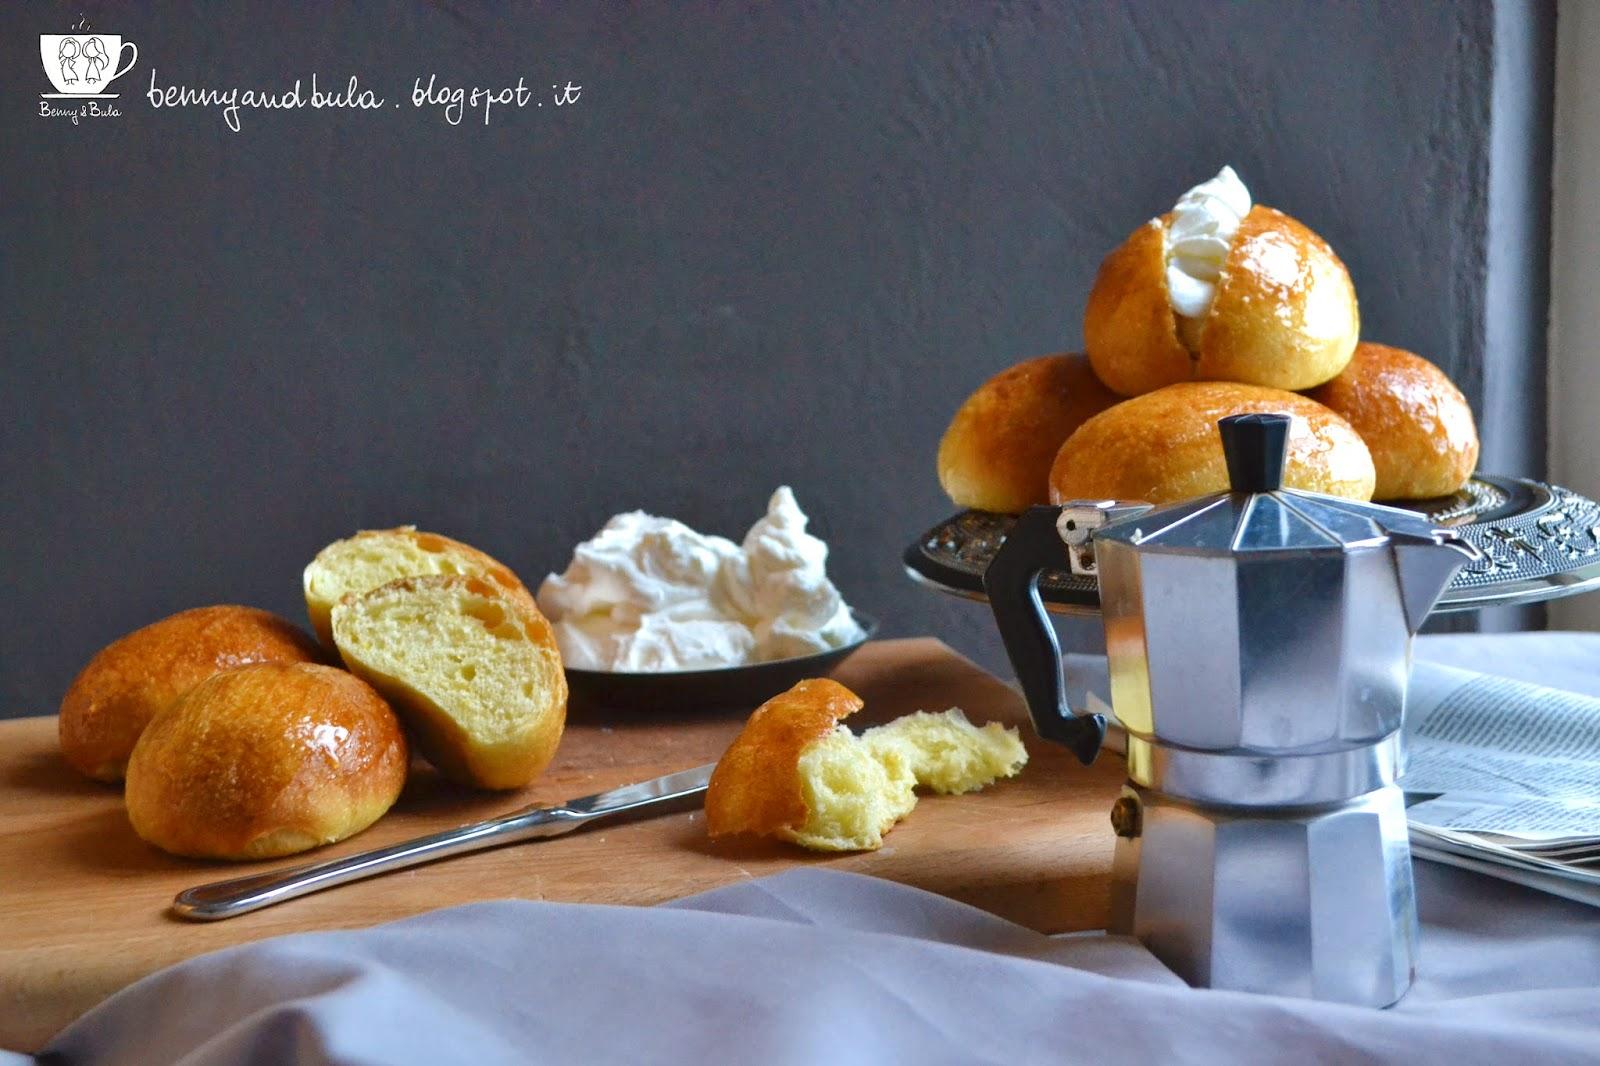 ricetta maritozzi aromatizzati agli agrumi, arancia e limone/ orange and lemon spiced brioche recipe